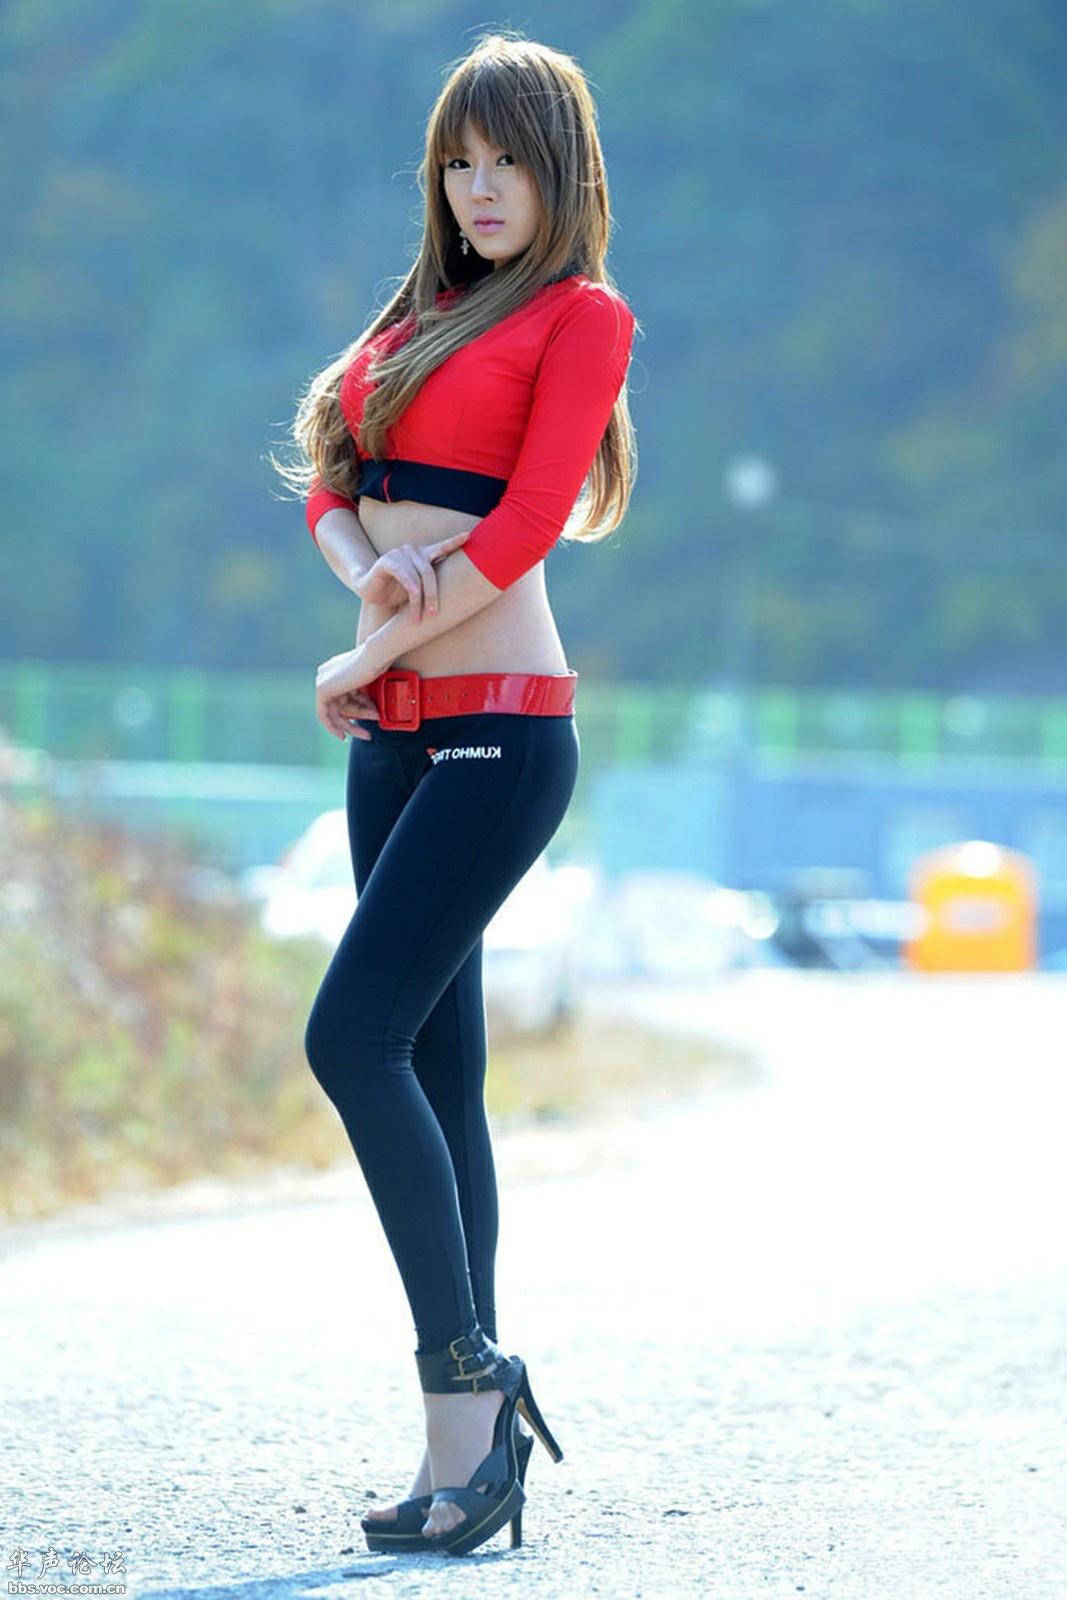 日本车模被打_韩国知名车模黄美姬------- Hwang Mi Hee车展(58p) - 美女贴图 - 华声 ...